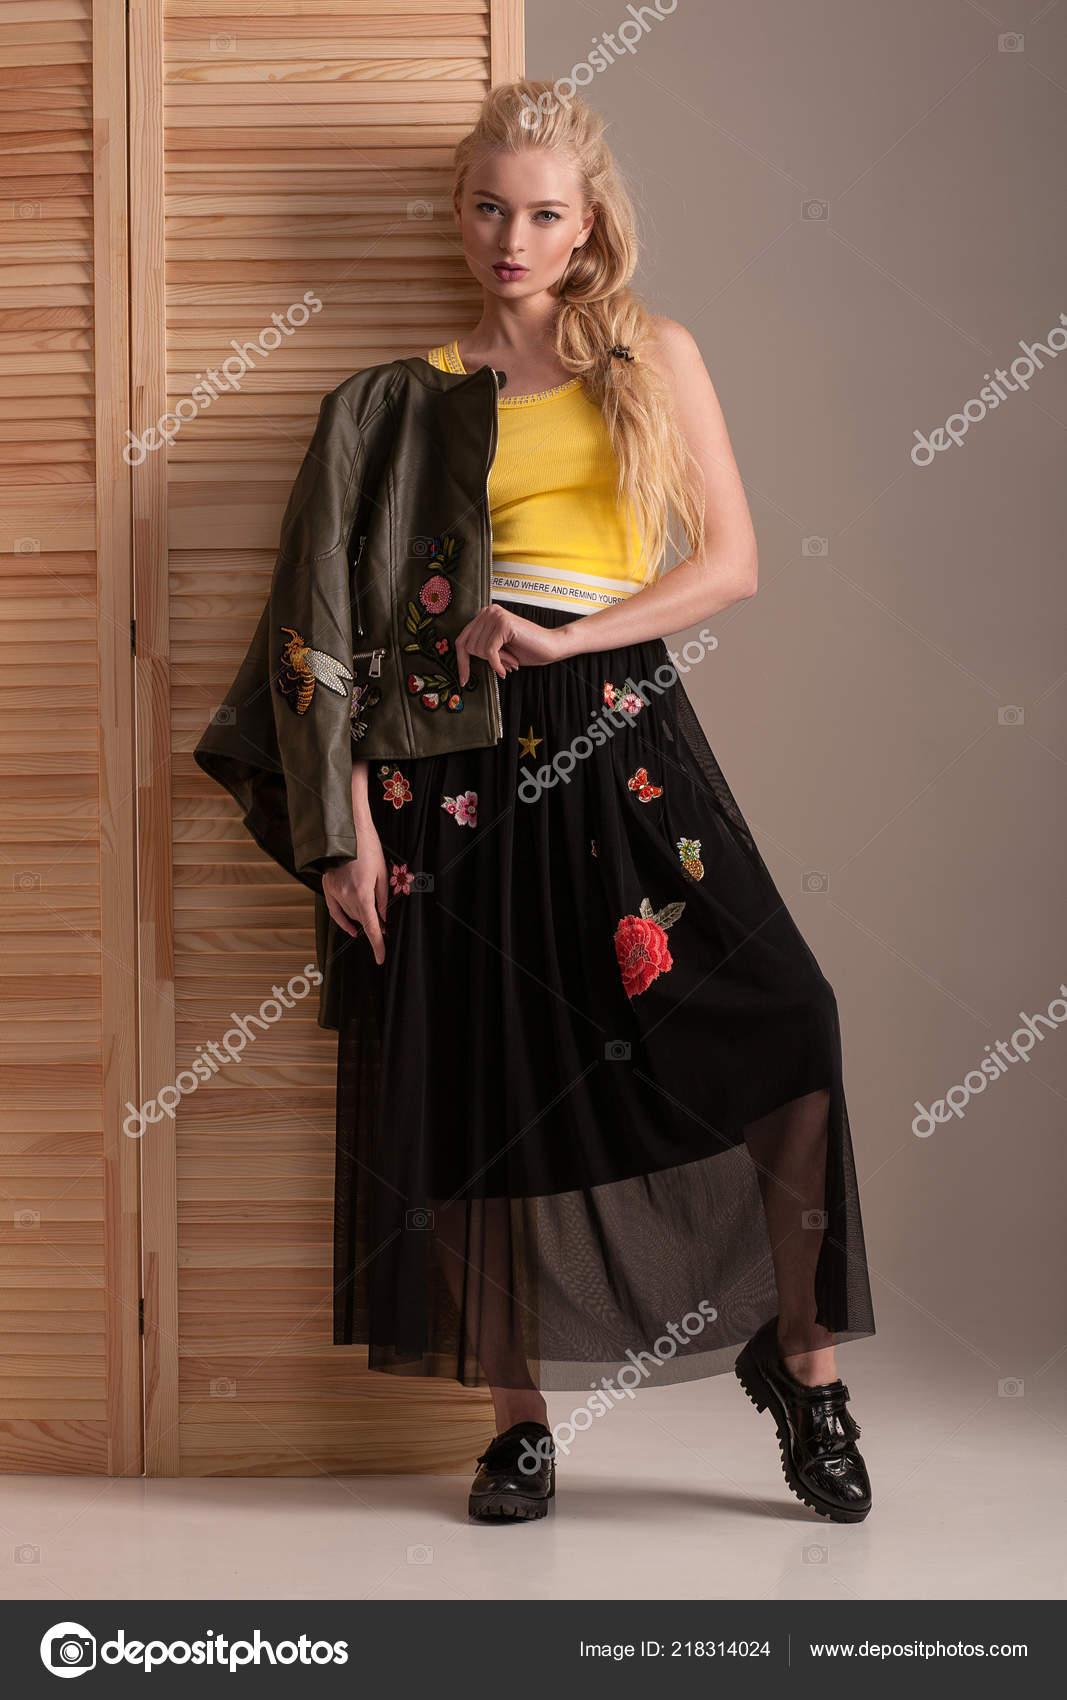 9376c04c3676cd Modèle Blonde Veste Cuir Jupe Noir Entrelacs Est Qui Pose ...